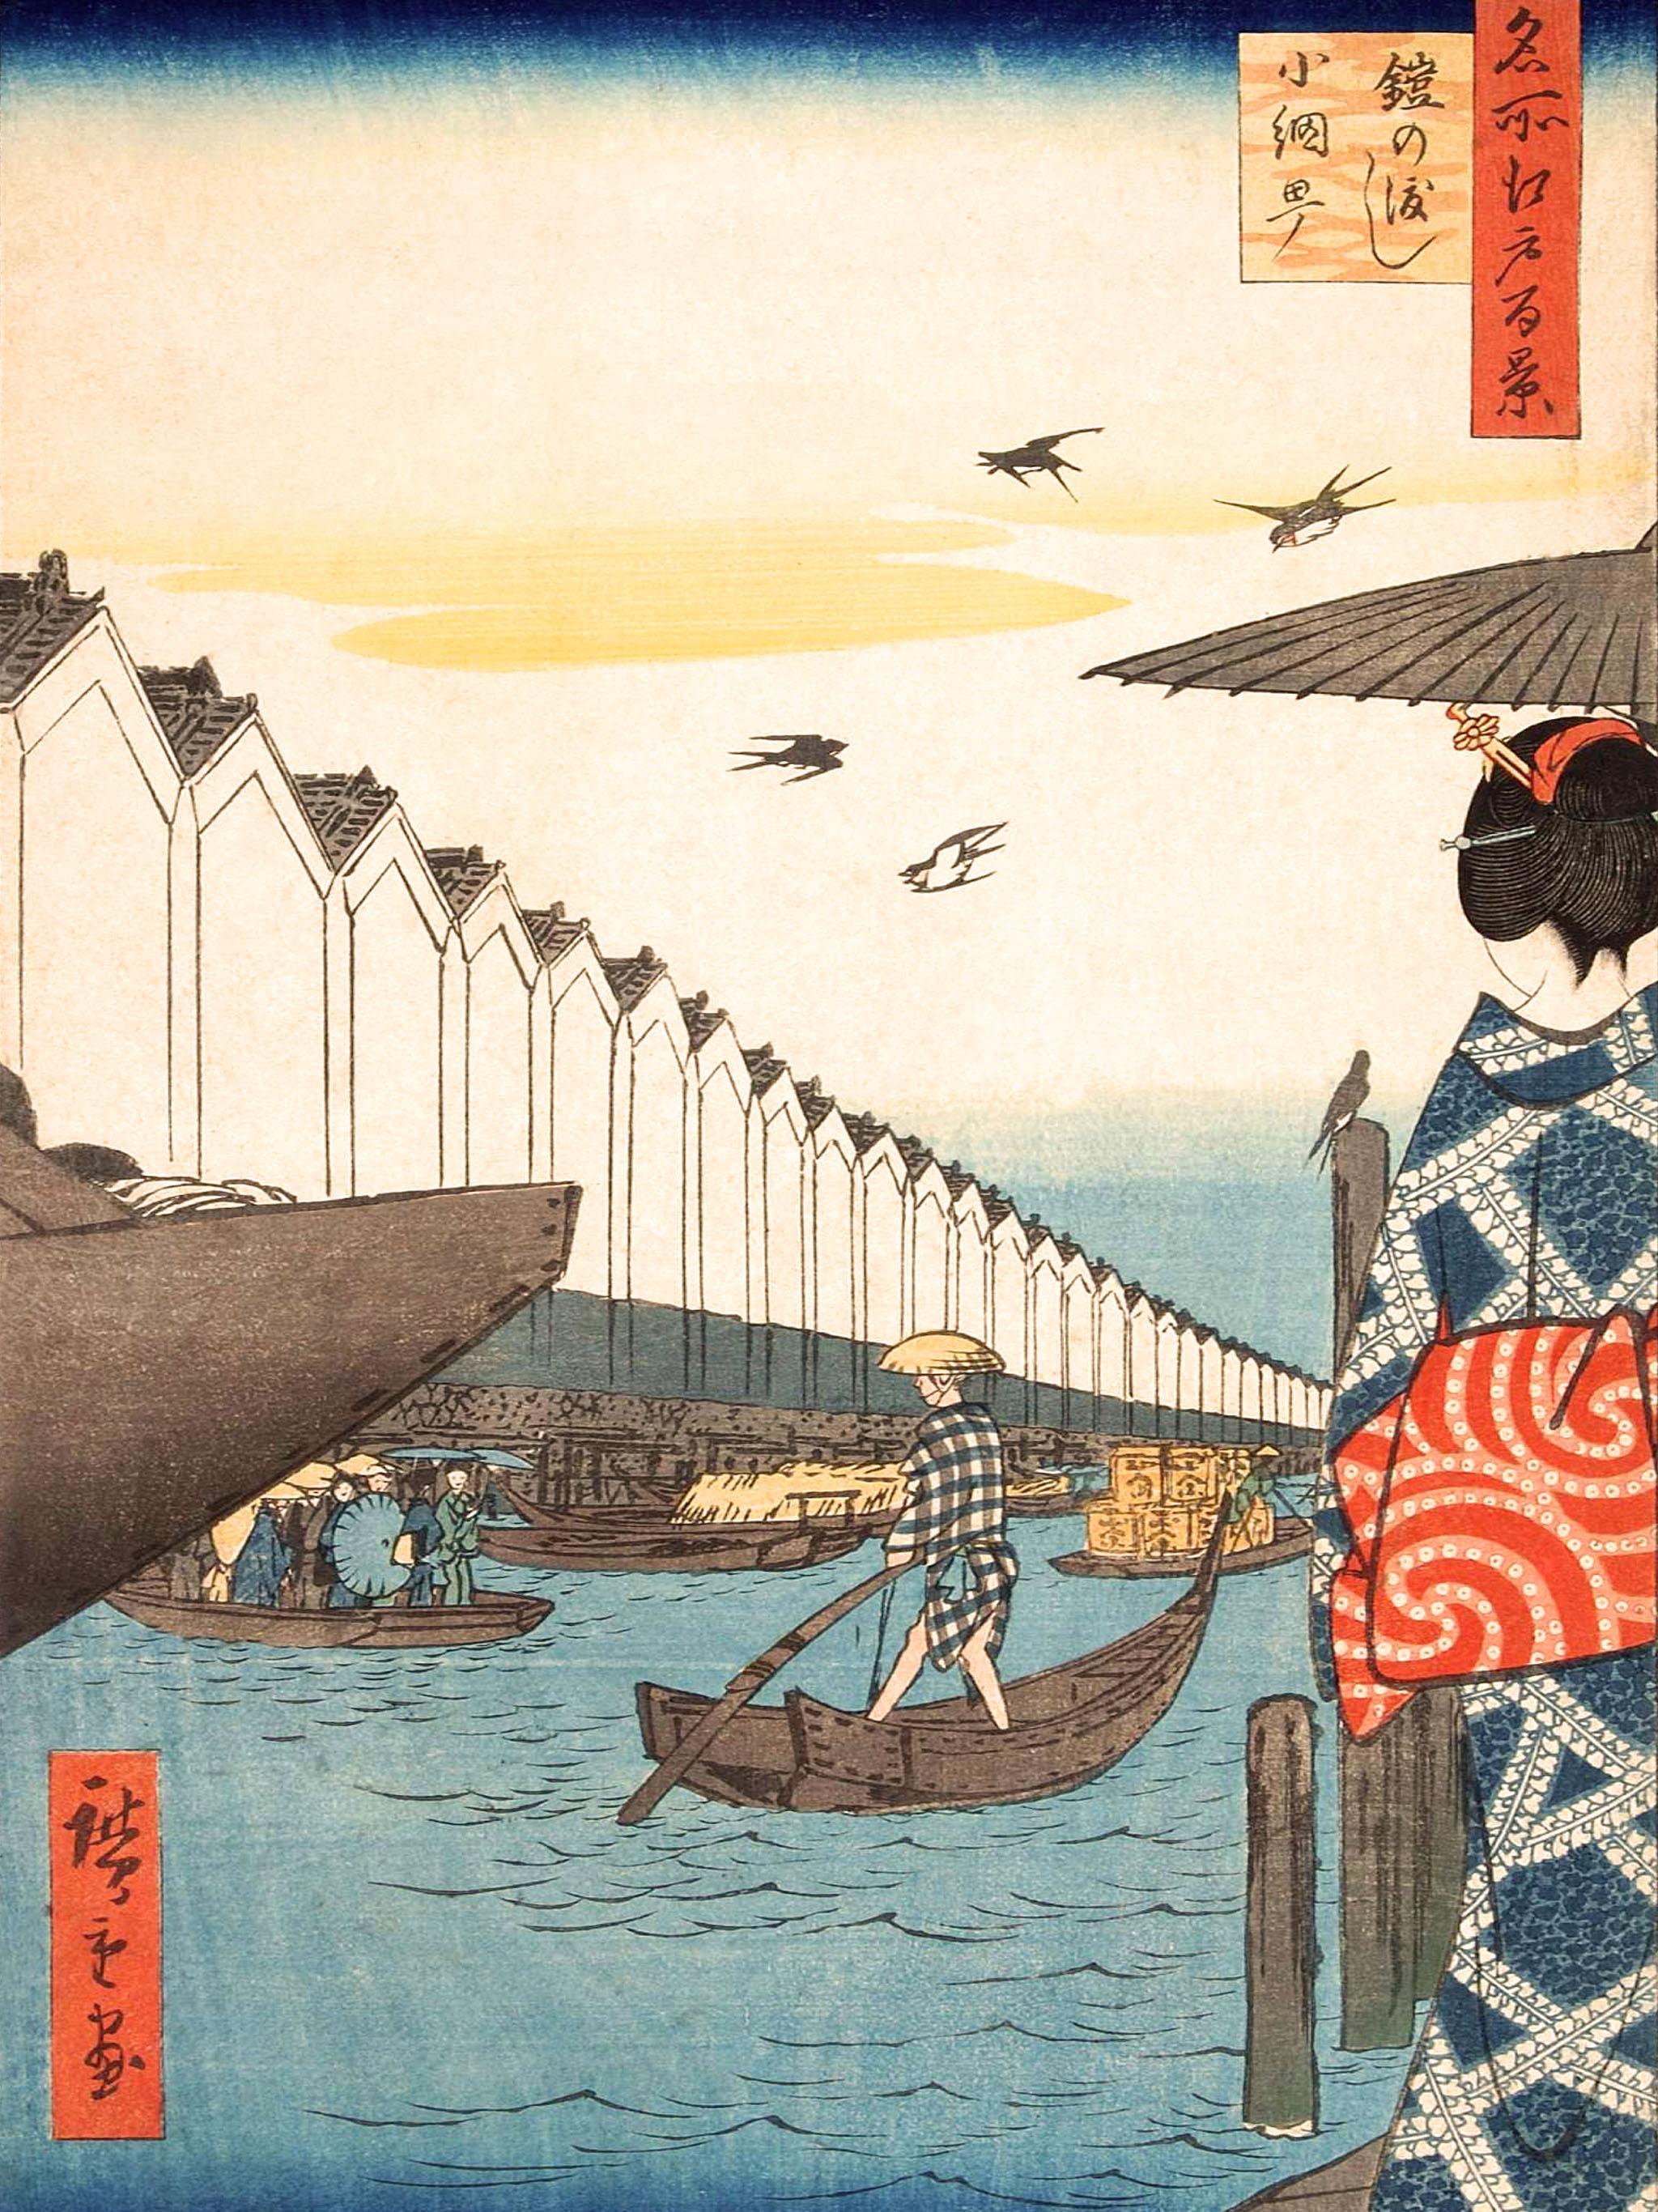 歌川広重 名所江戸百景 鎧の渡し小網町 Utagawa Hiroshige - Yoroi no watashi koamicho 2048x2732